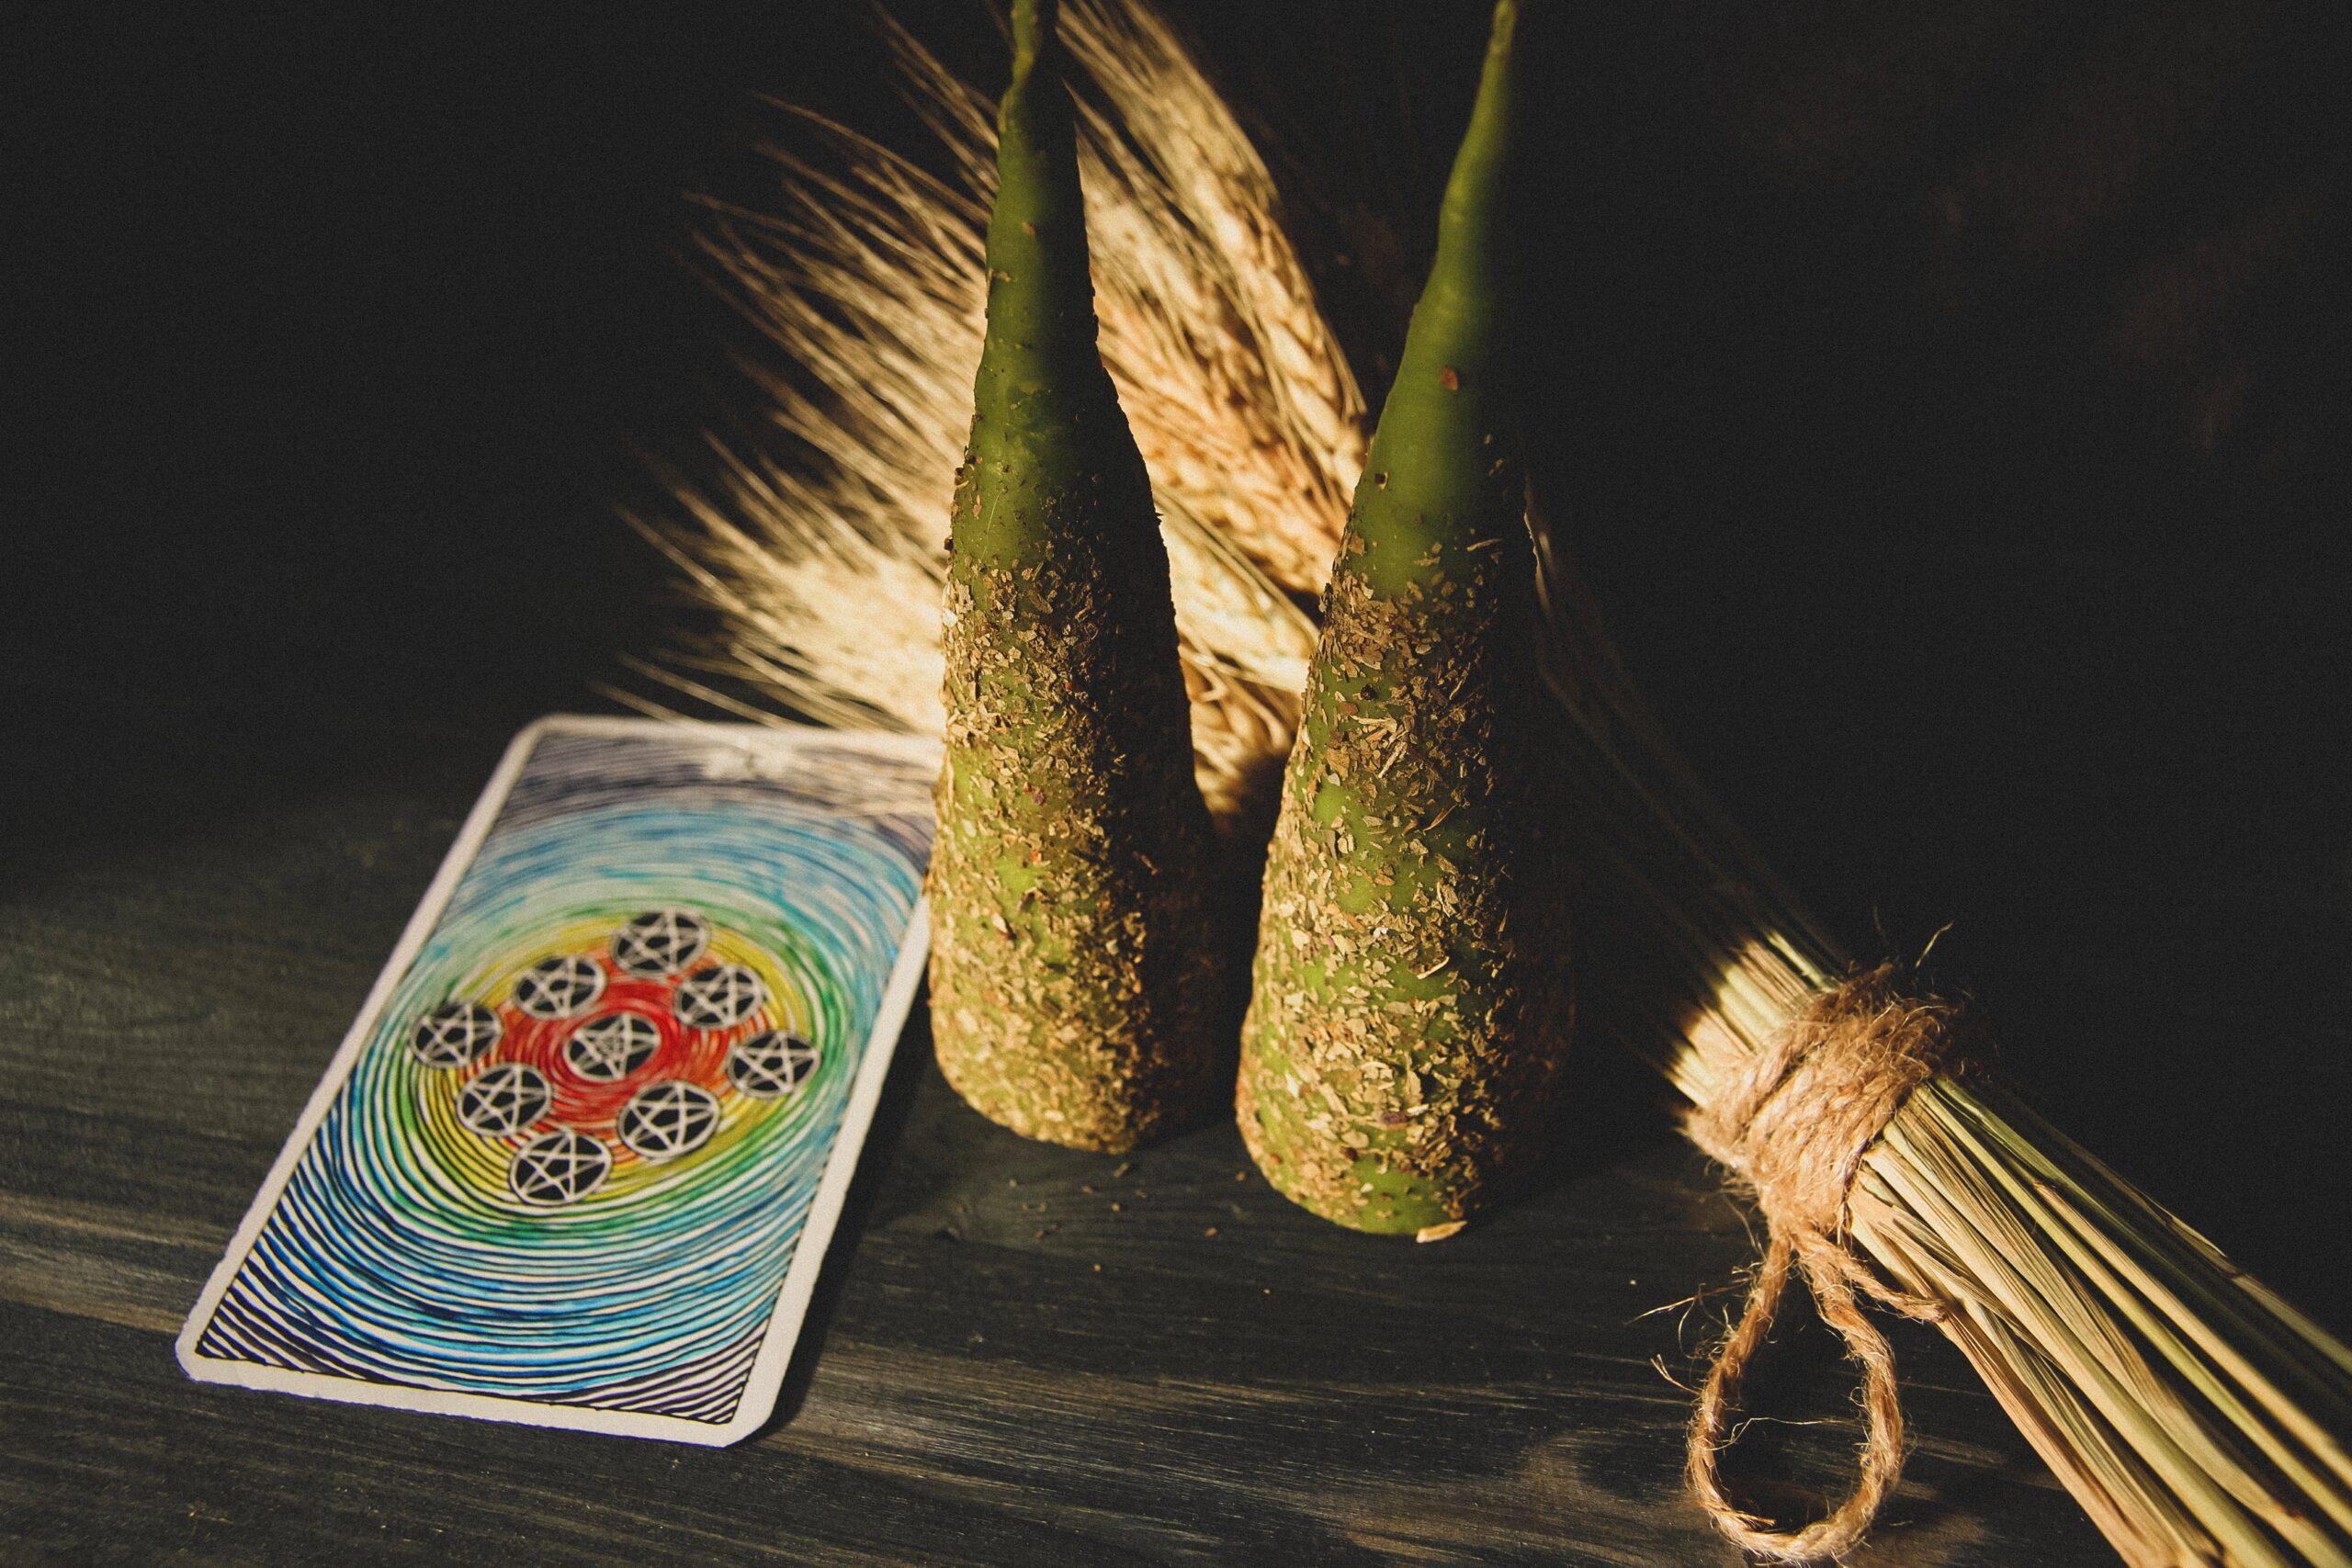 Магия свечей: манифестация желаний со свечой. Как загадать желание, чтобы оно исполнилось